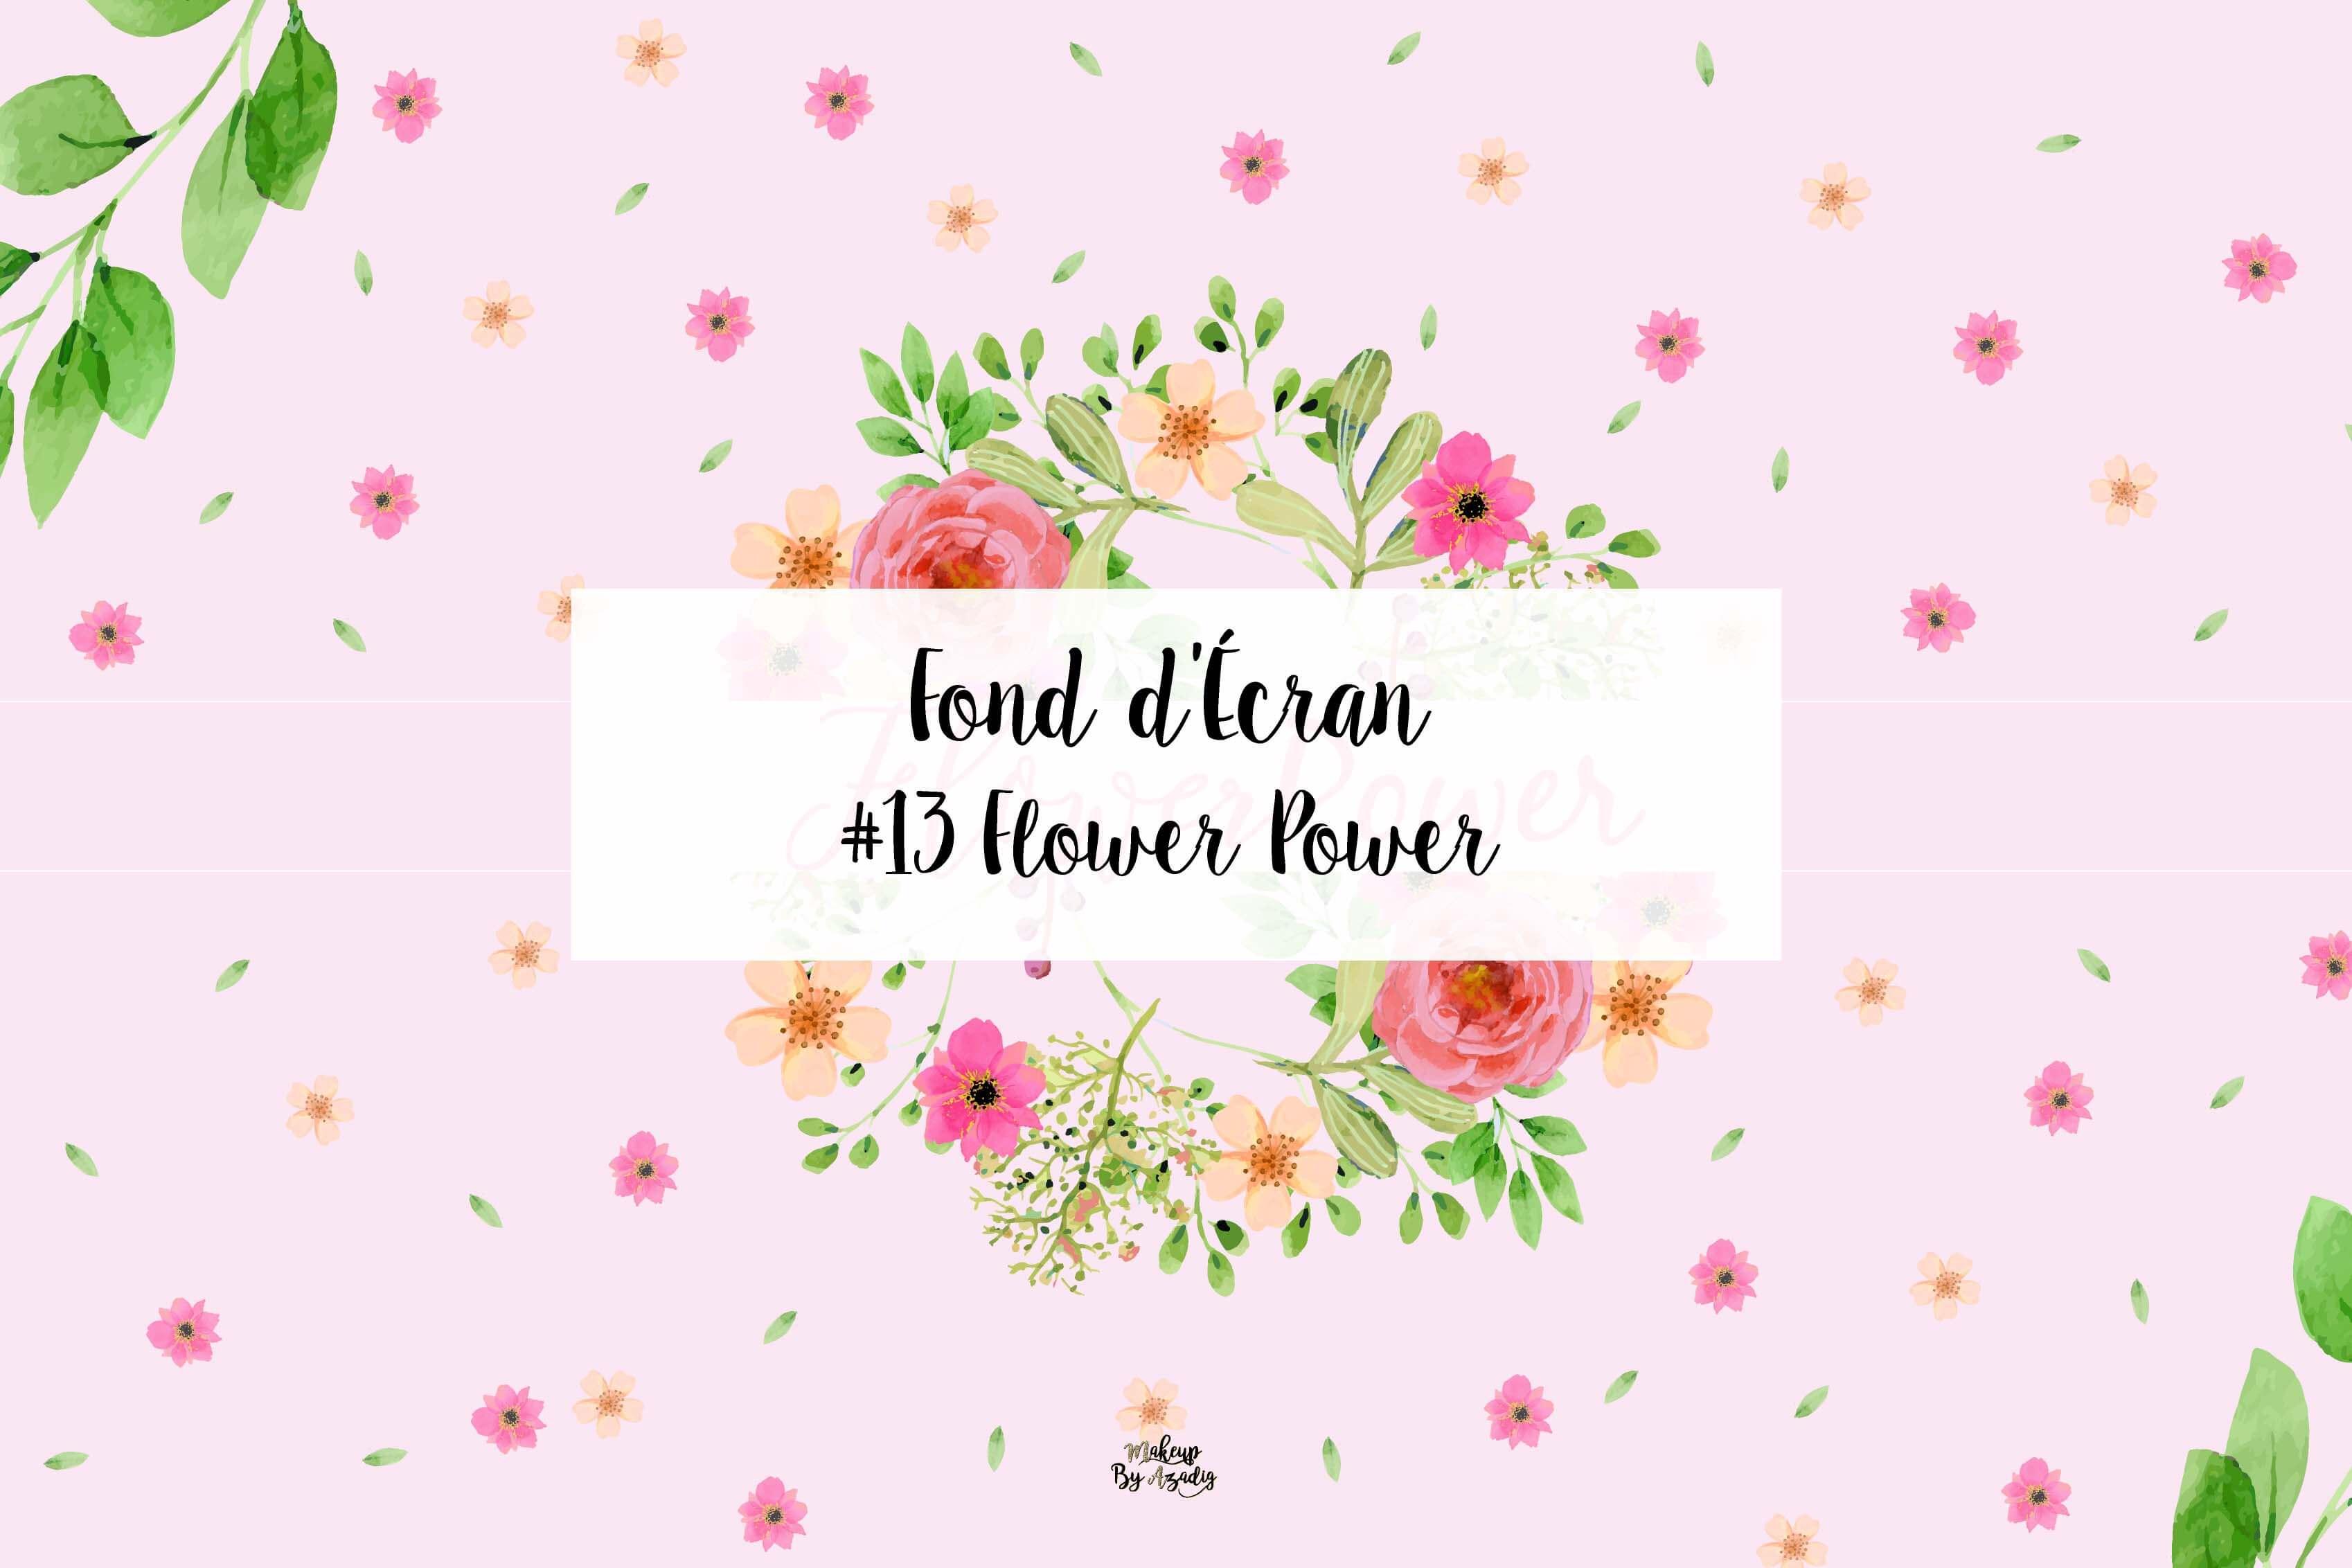 fond-decran-wallpaper-printemps-fleurs-flower-power-couronne-rose-girly-ordinateur-iphone-samsung-mac-macbook-imac-pc-makeupbyazadig-miniature